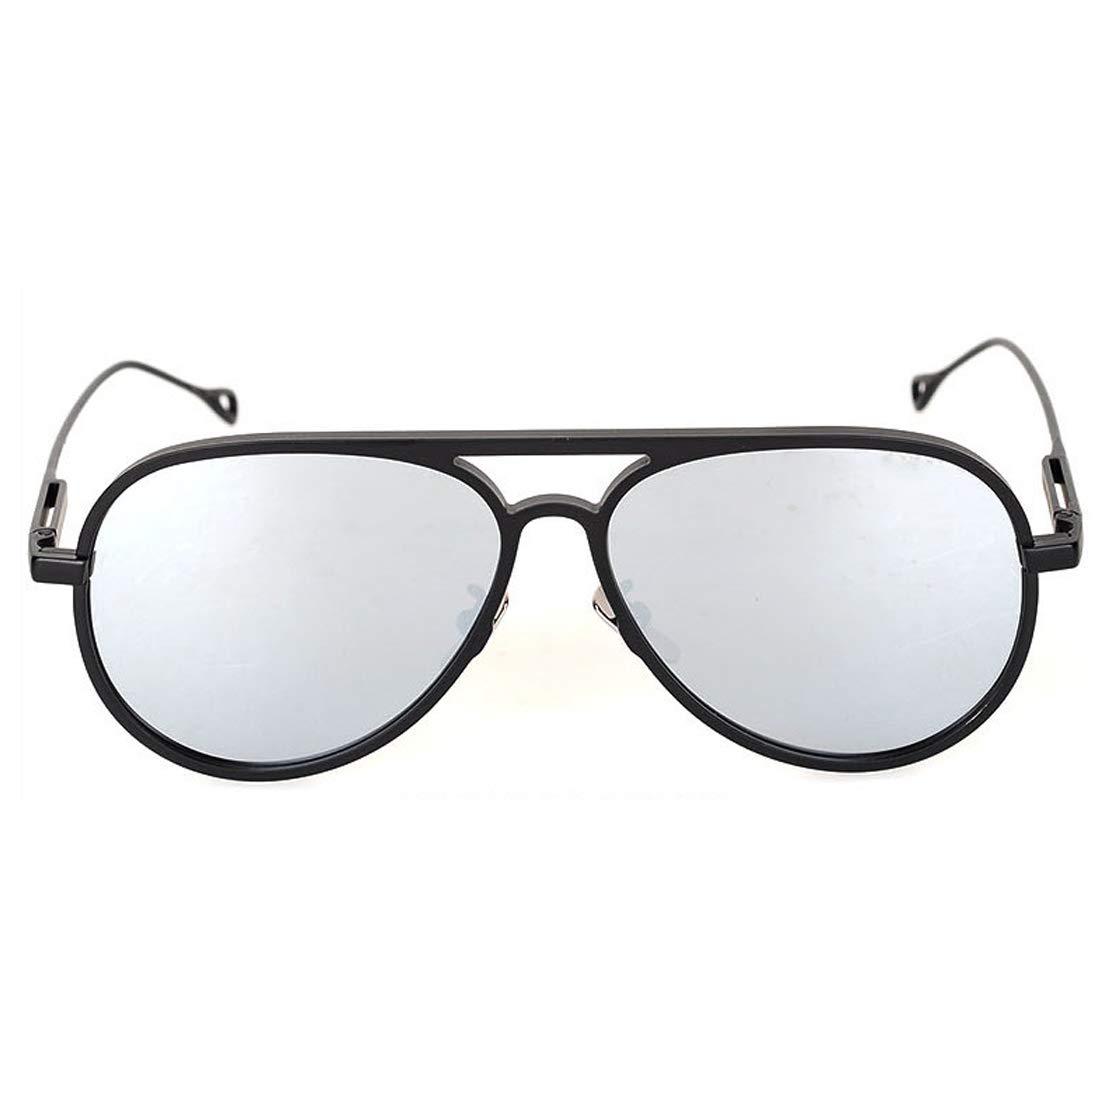 TLMY Las Gafas De Sol De Magnesio De Aluminio Mirror Reflejan La Tendencia del Metal Calle Tiro Gafas De Sol Retro Gafas de Sol (Color : Black Frame/Silver ...